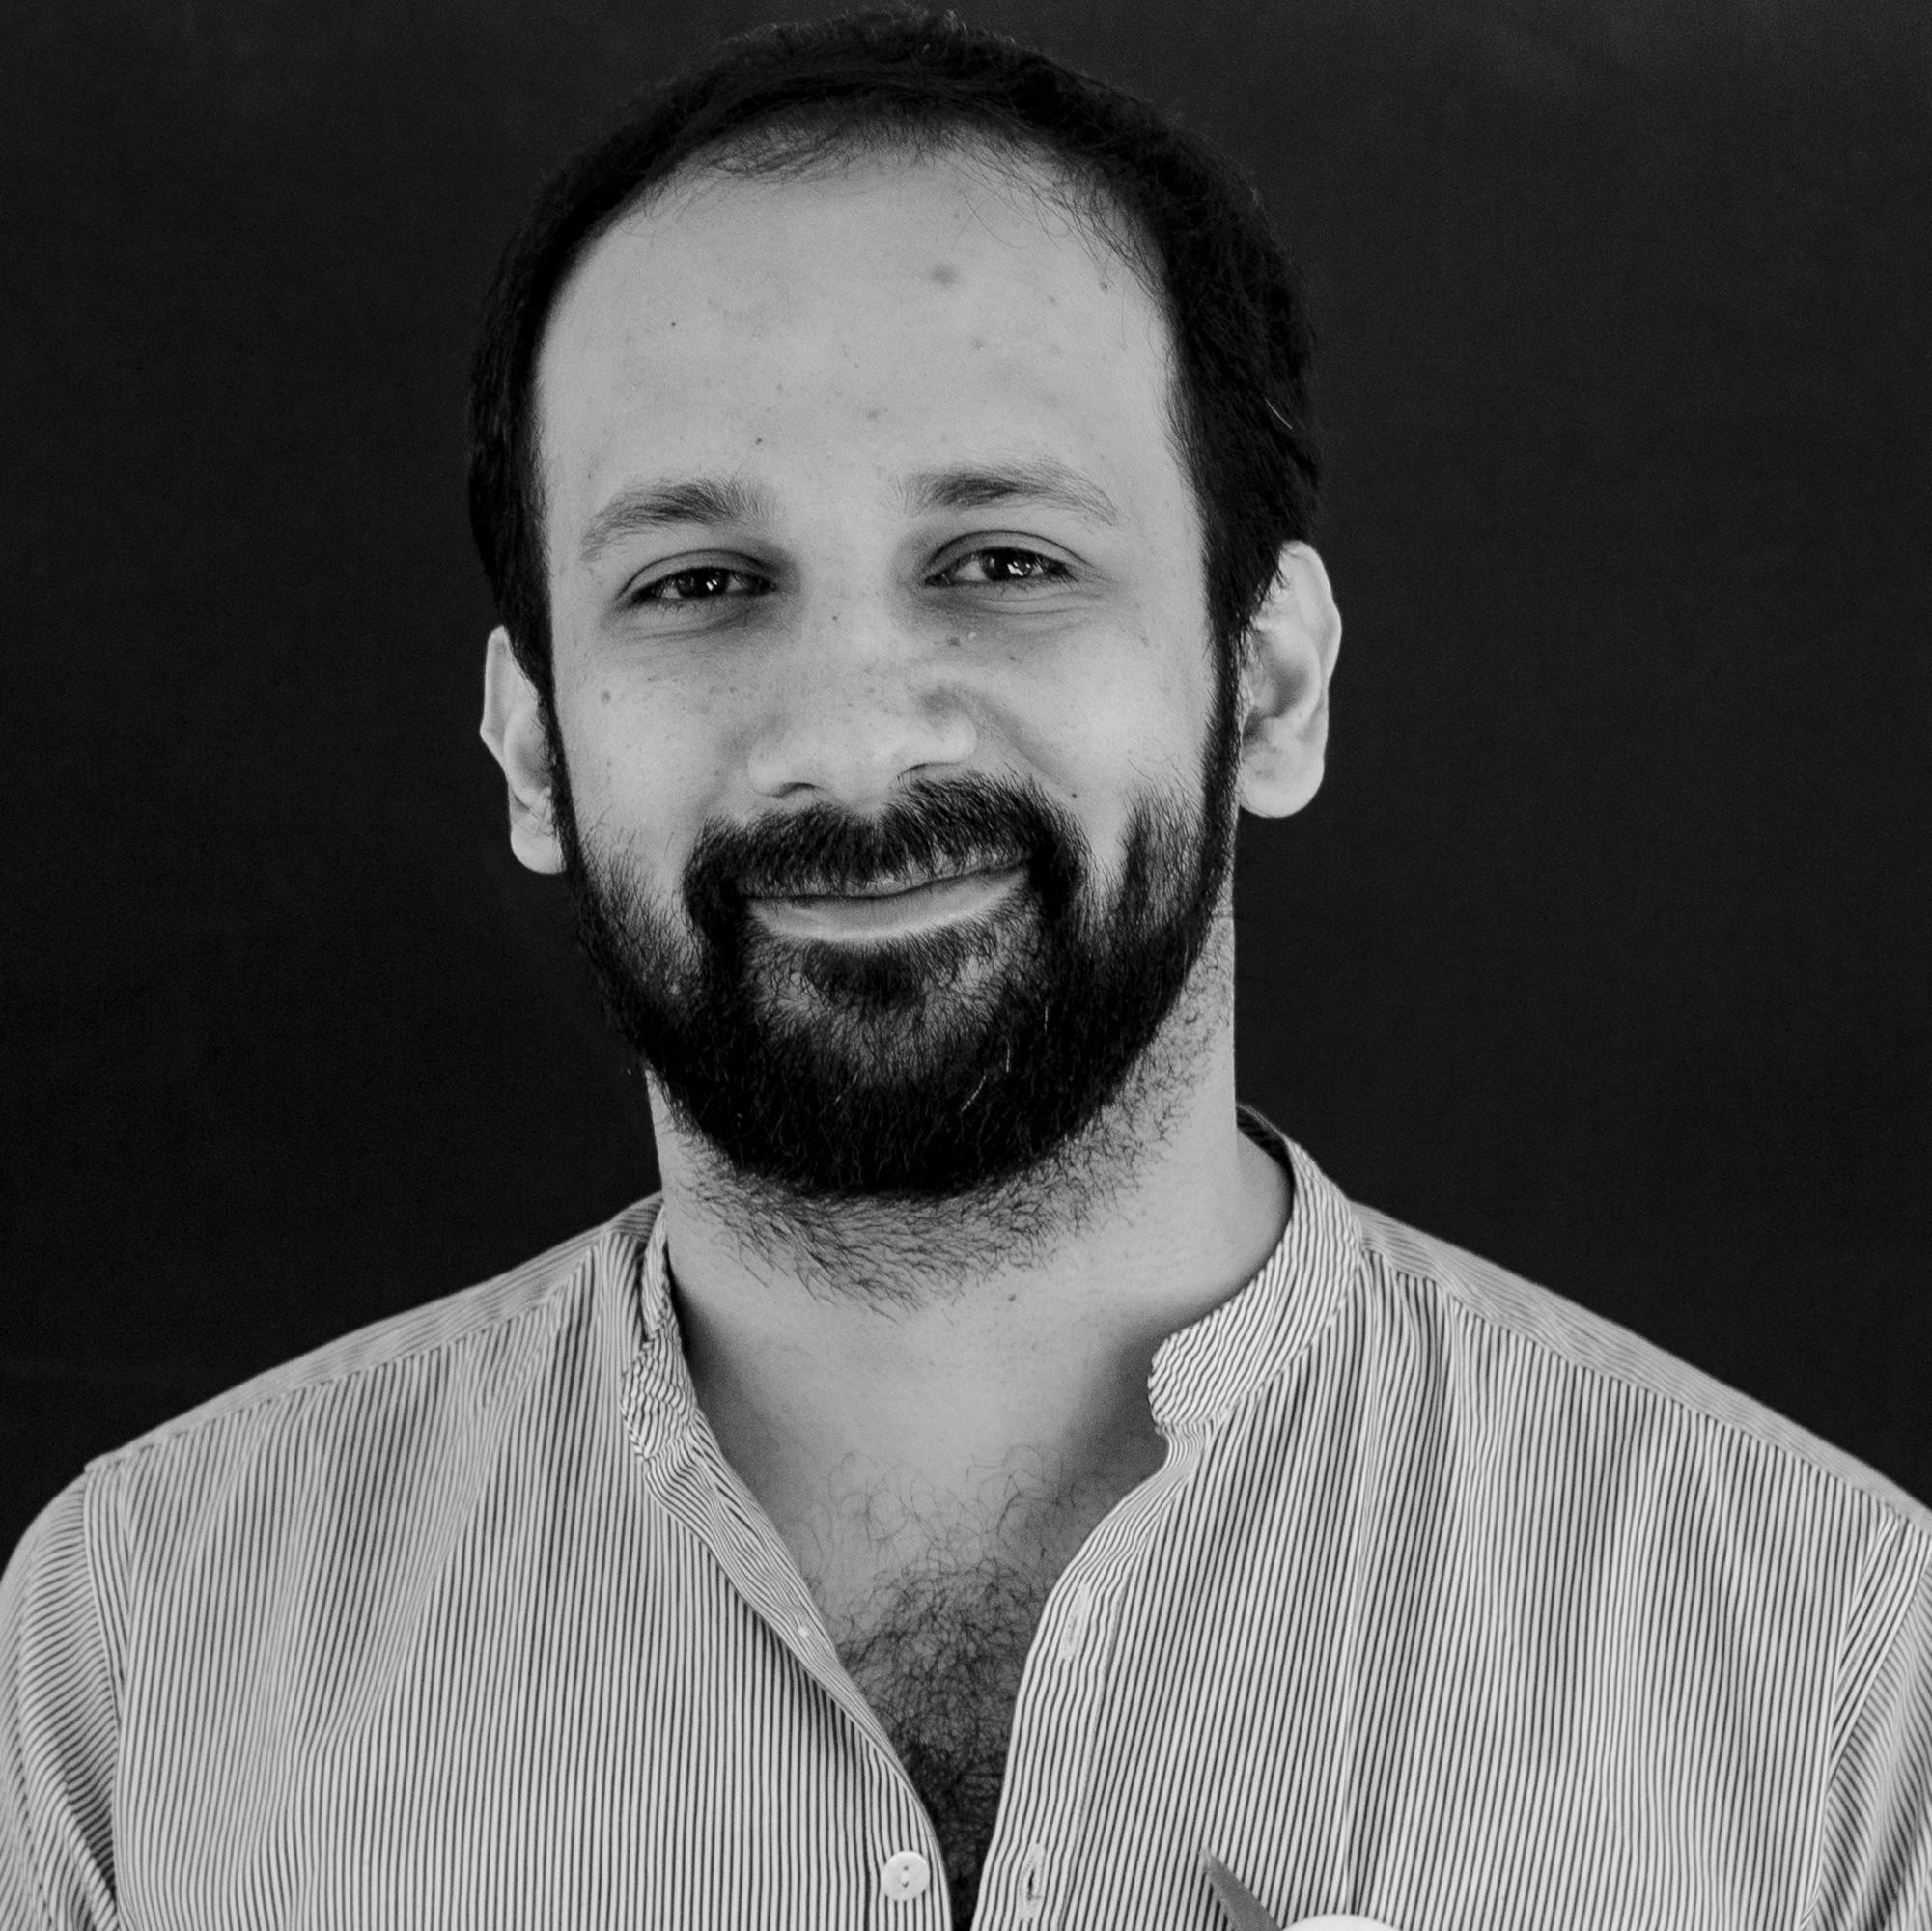 Gautam Bhan